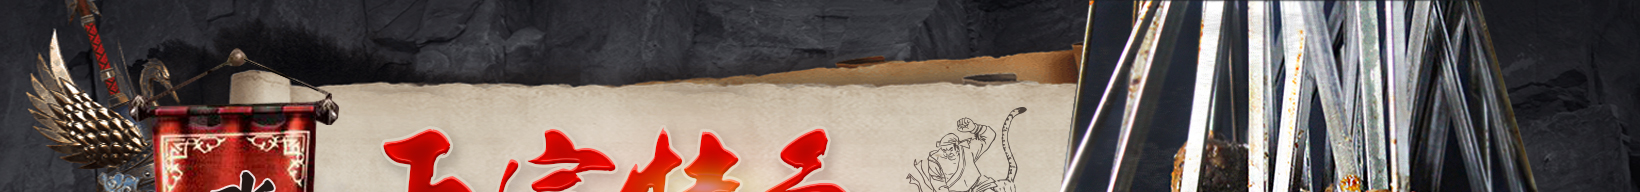 水浒烤肉加盟--全信加盟网官网